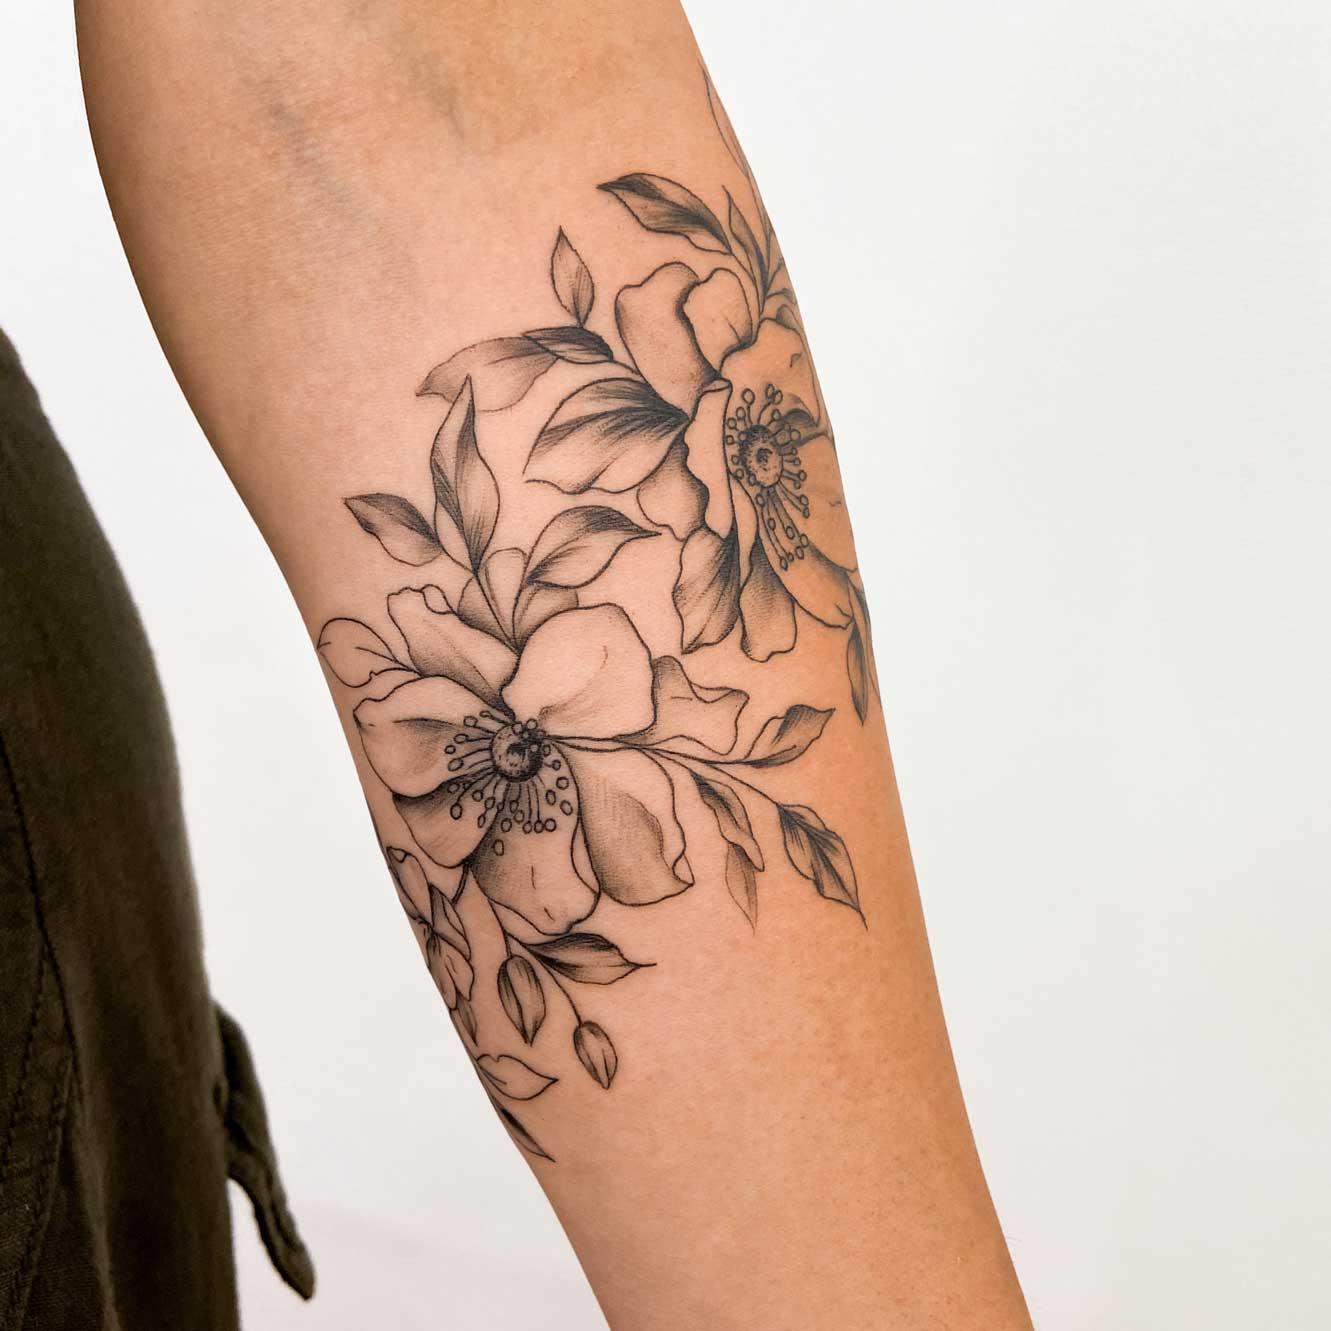 tatouage-floral-avant-bras-manchette-france